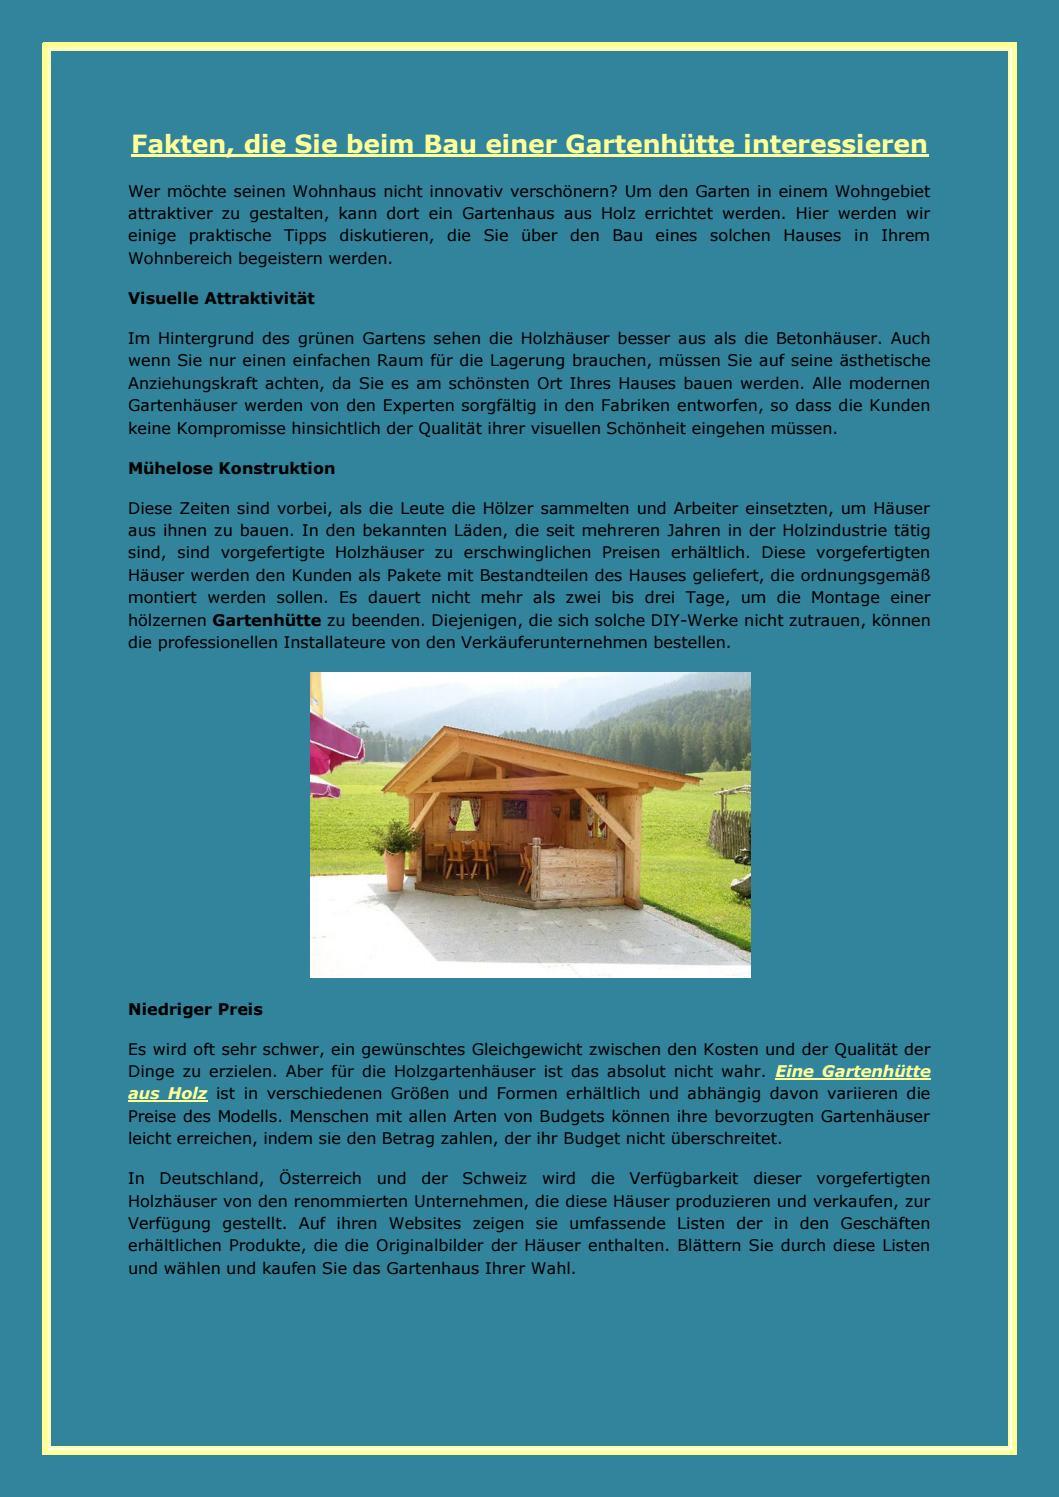 Fakten, die Sie beim Bau einer Gartenhütte interessieren by William ...